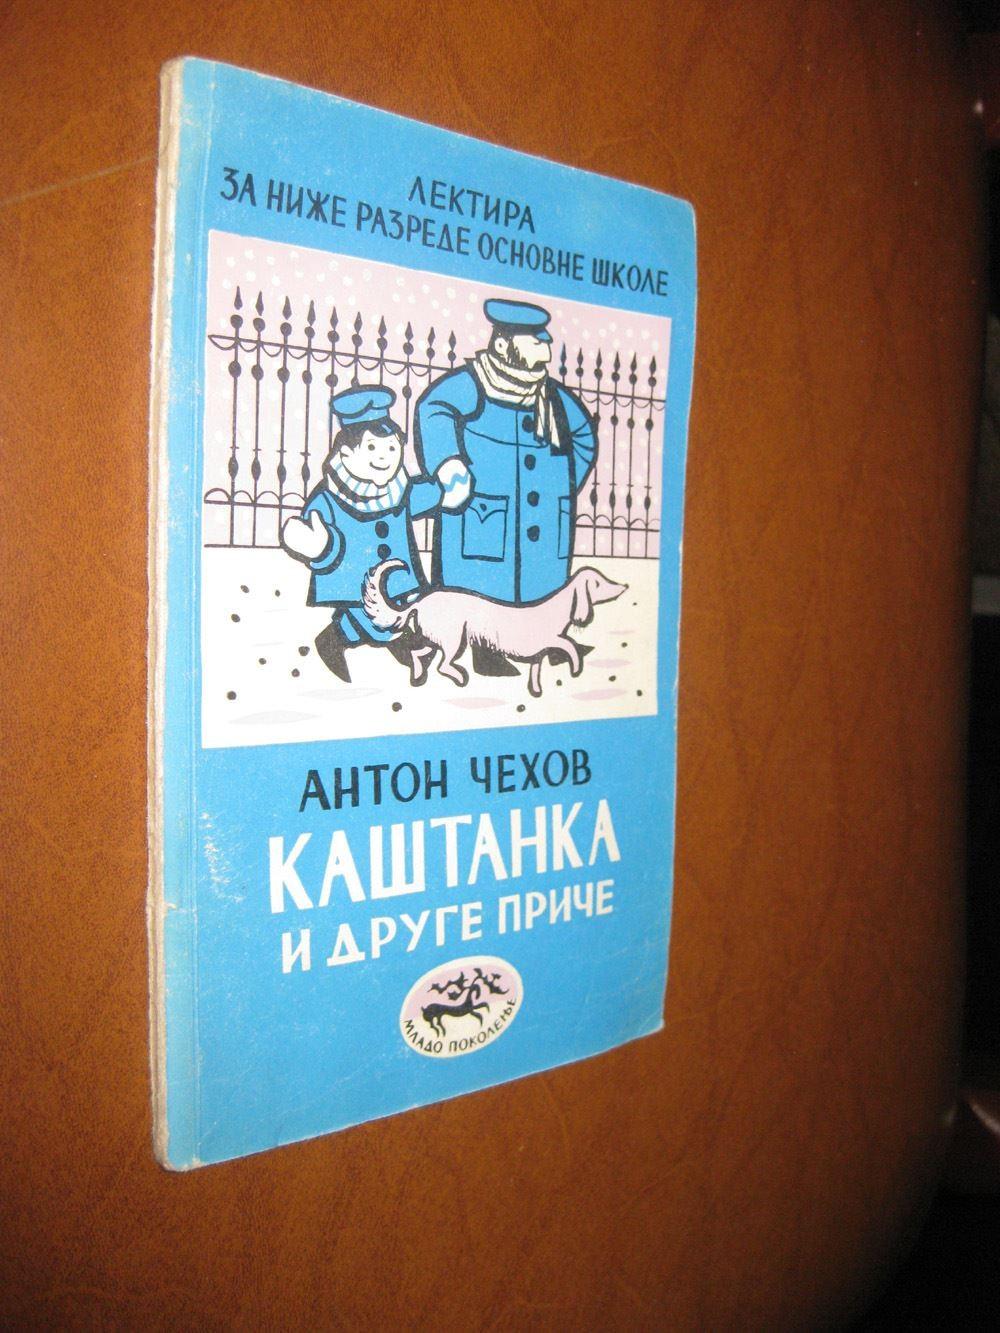 anton-cehov-kastanka-i-druge-price_slika_o_39462457